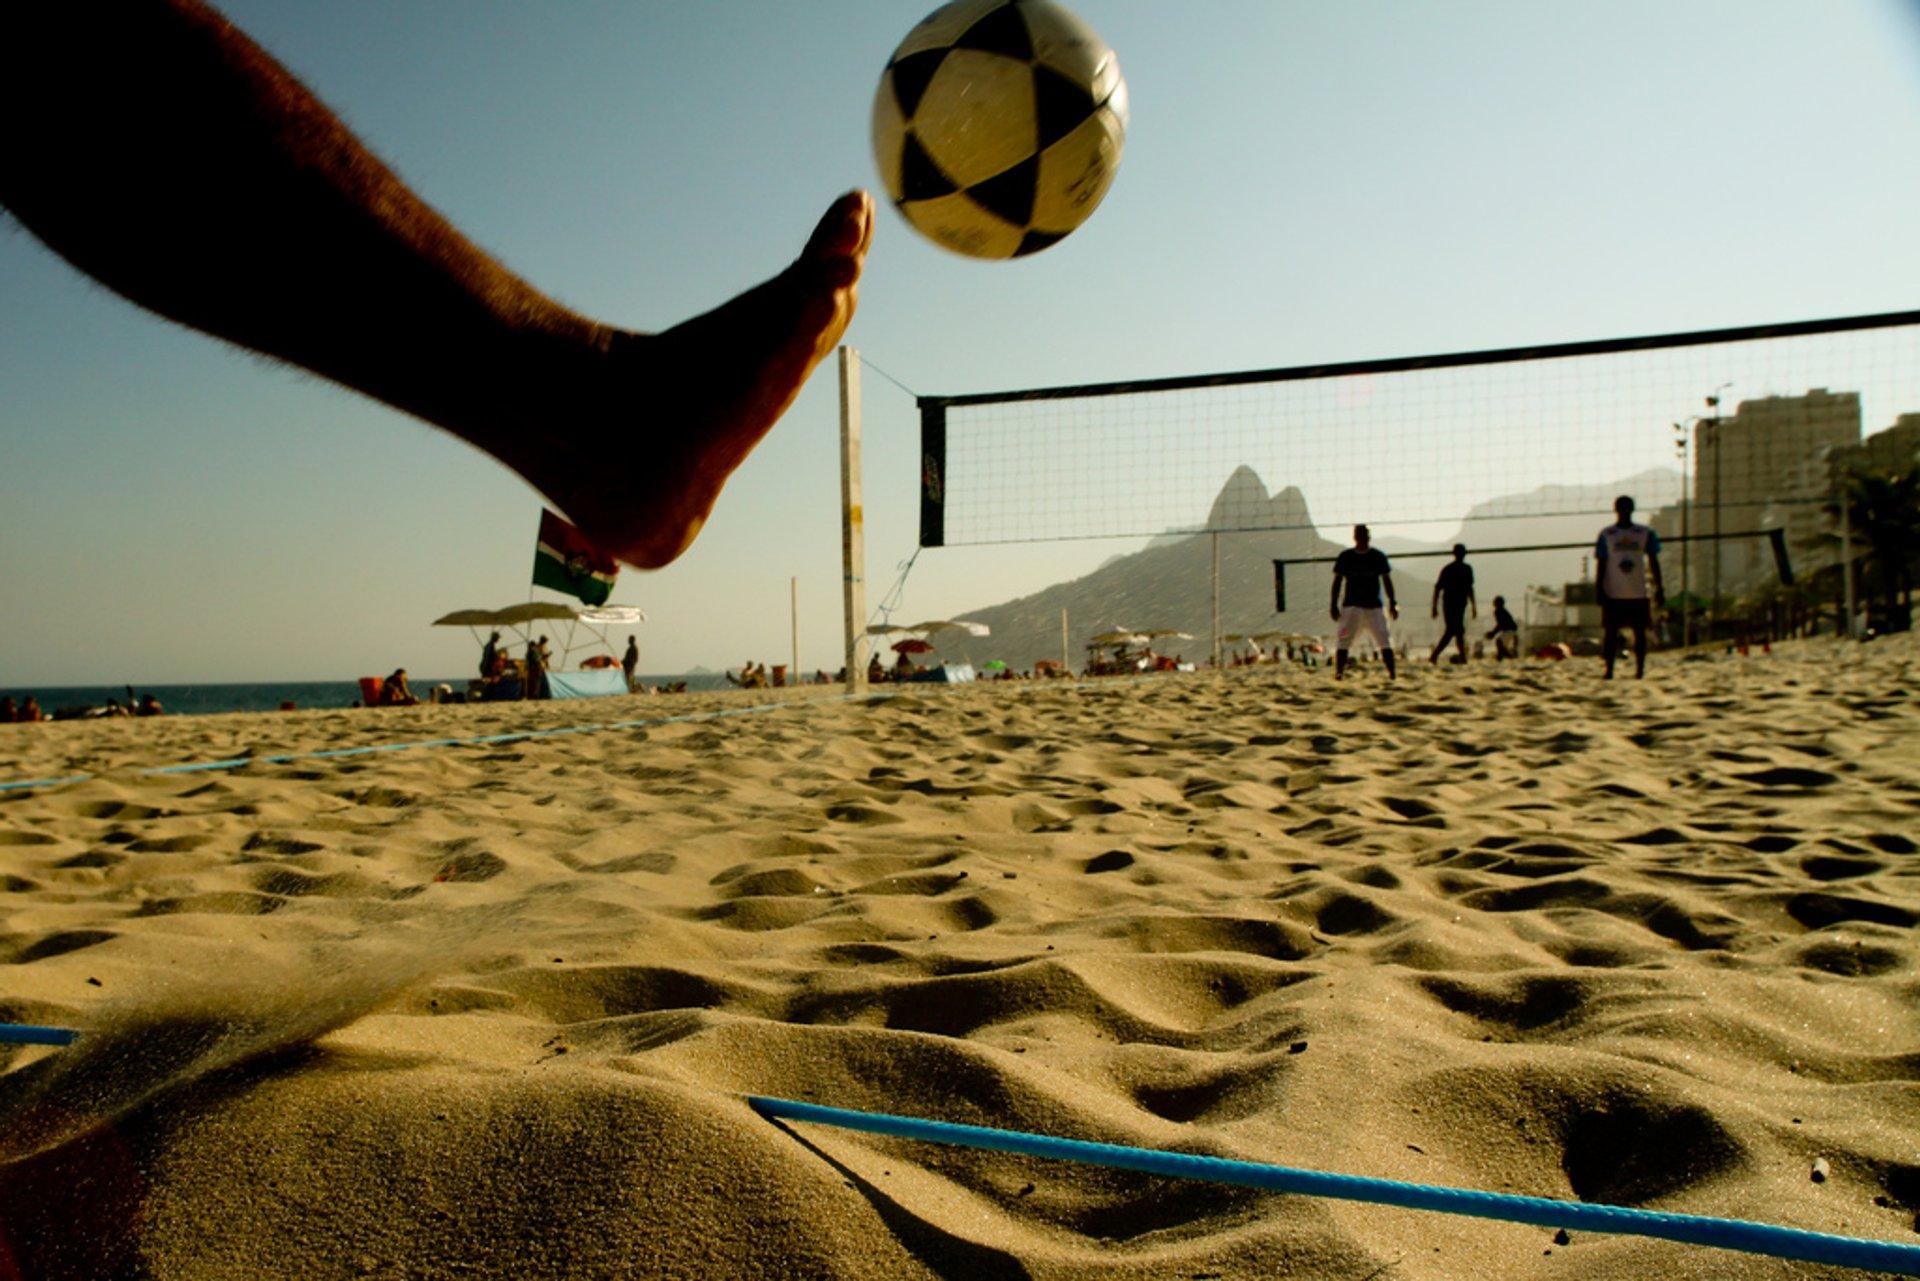 Futevôlei or Footvolley in Rio de Janeiro 2020 - Best Time